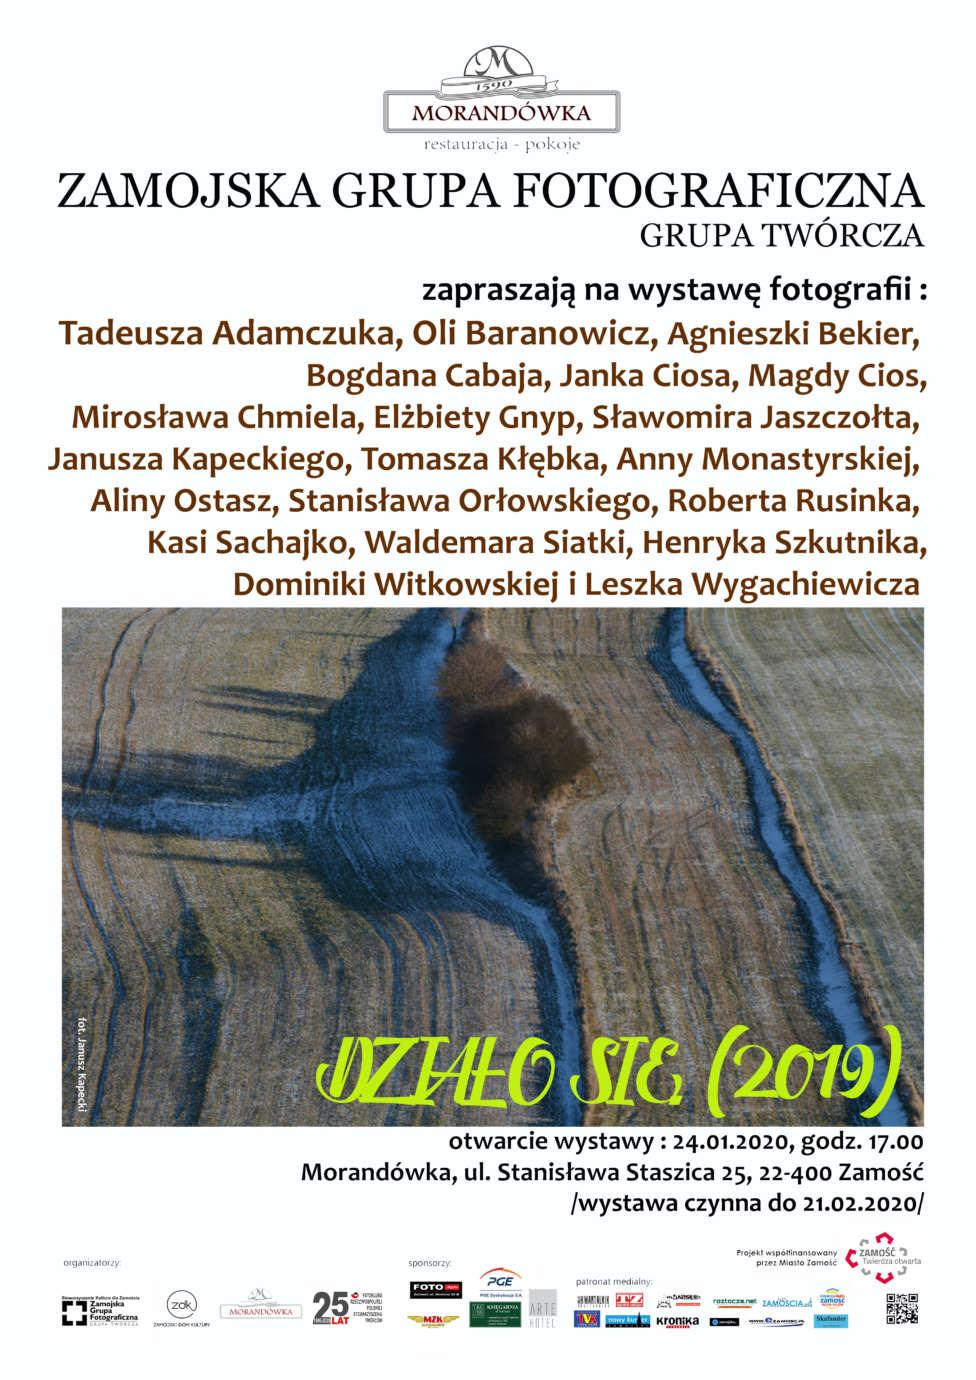 plakat dzialo sie 2019 ZGF GT zaprasza na wystawę